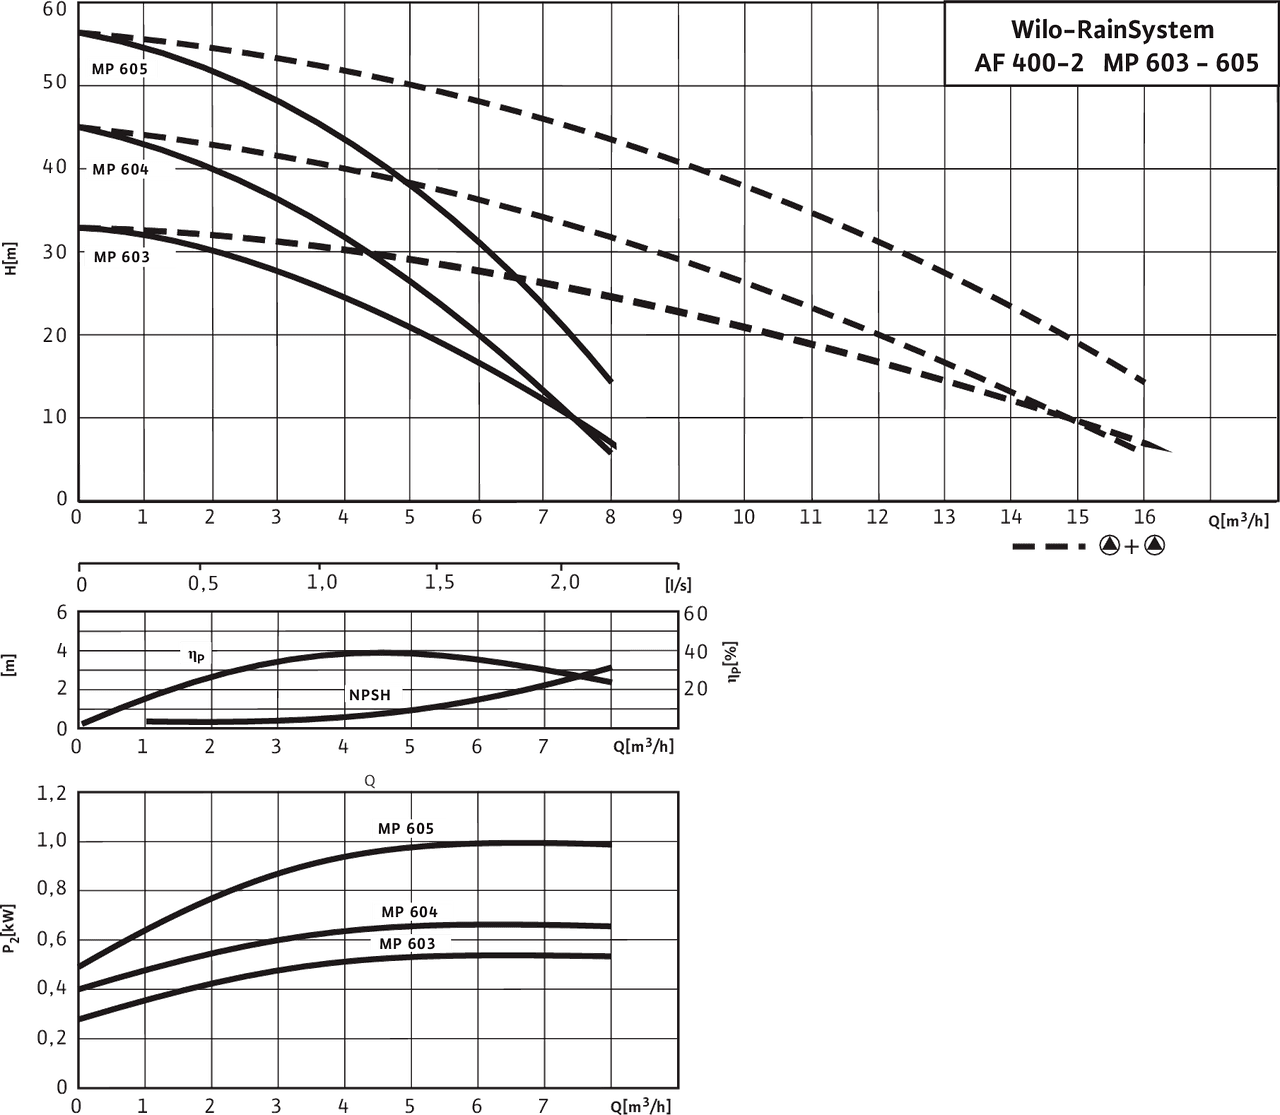 Rainsystem Af 400 2 Mp 604 Wilo Bms Ddc Wiring Diagram 2mp 603 605